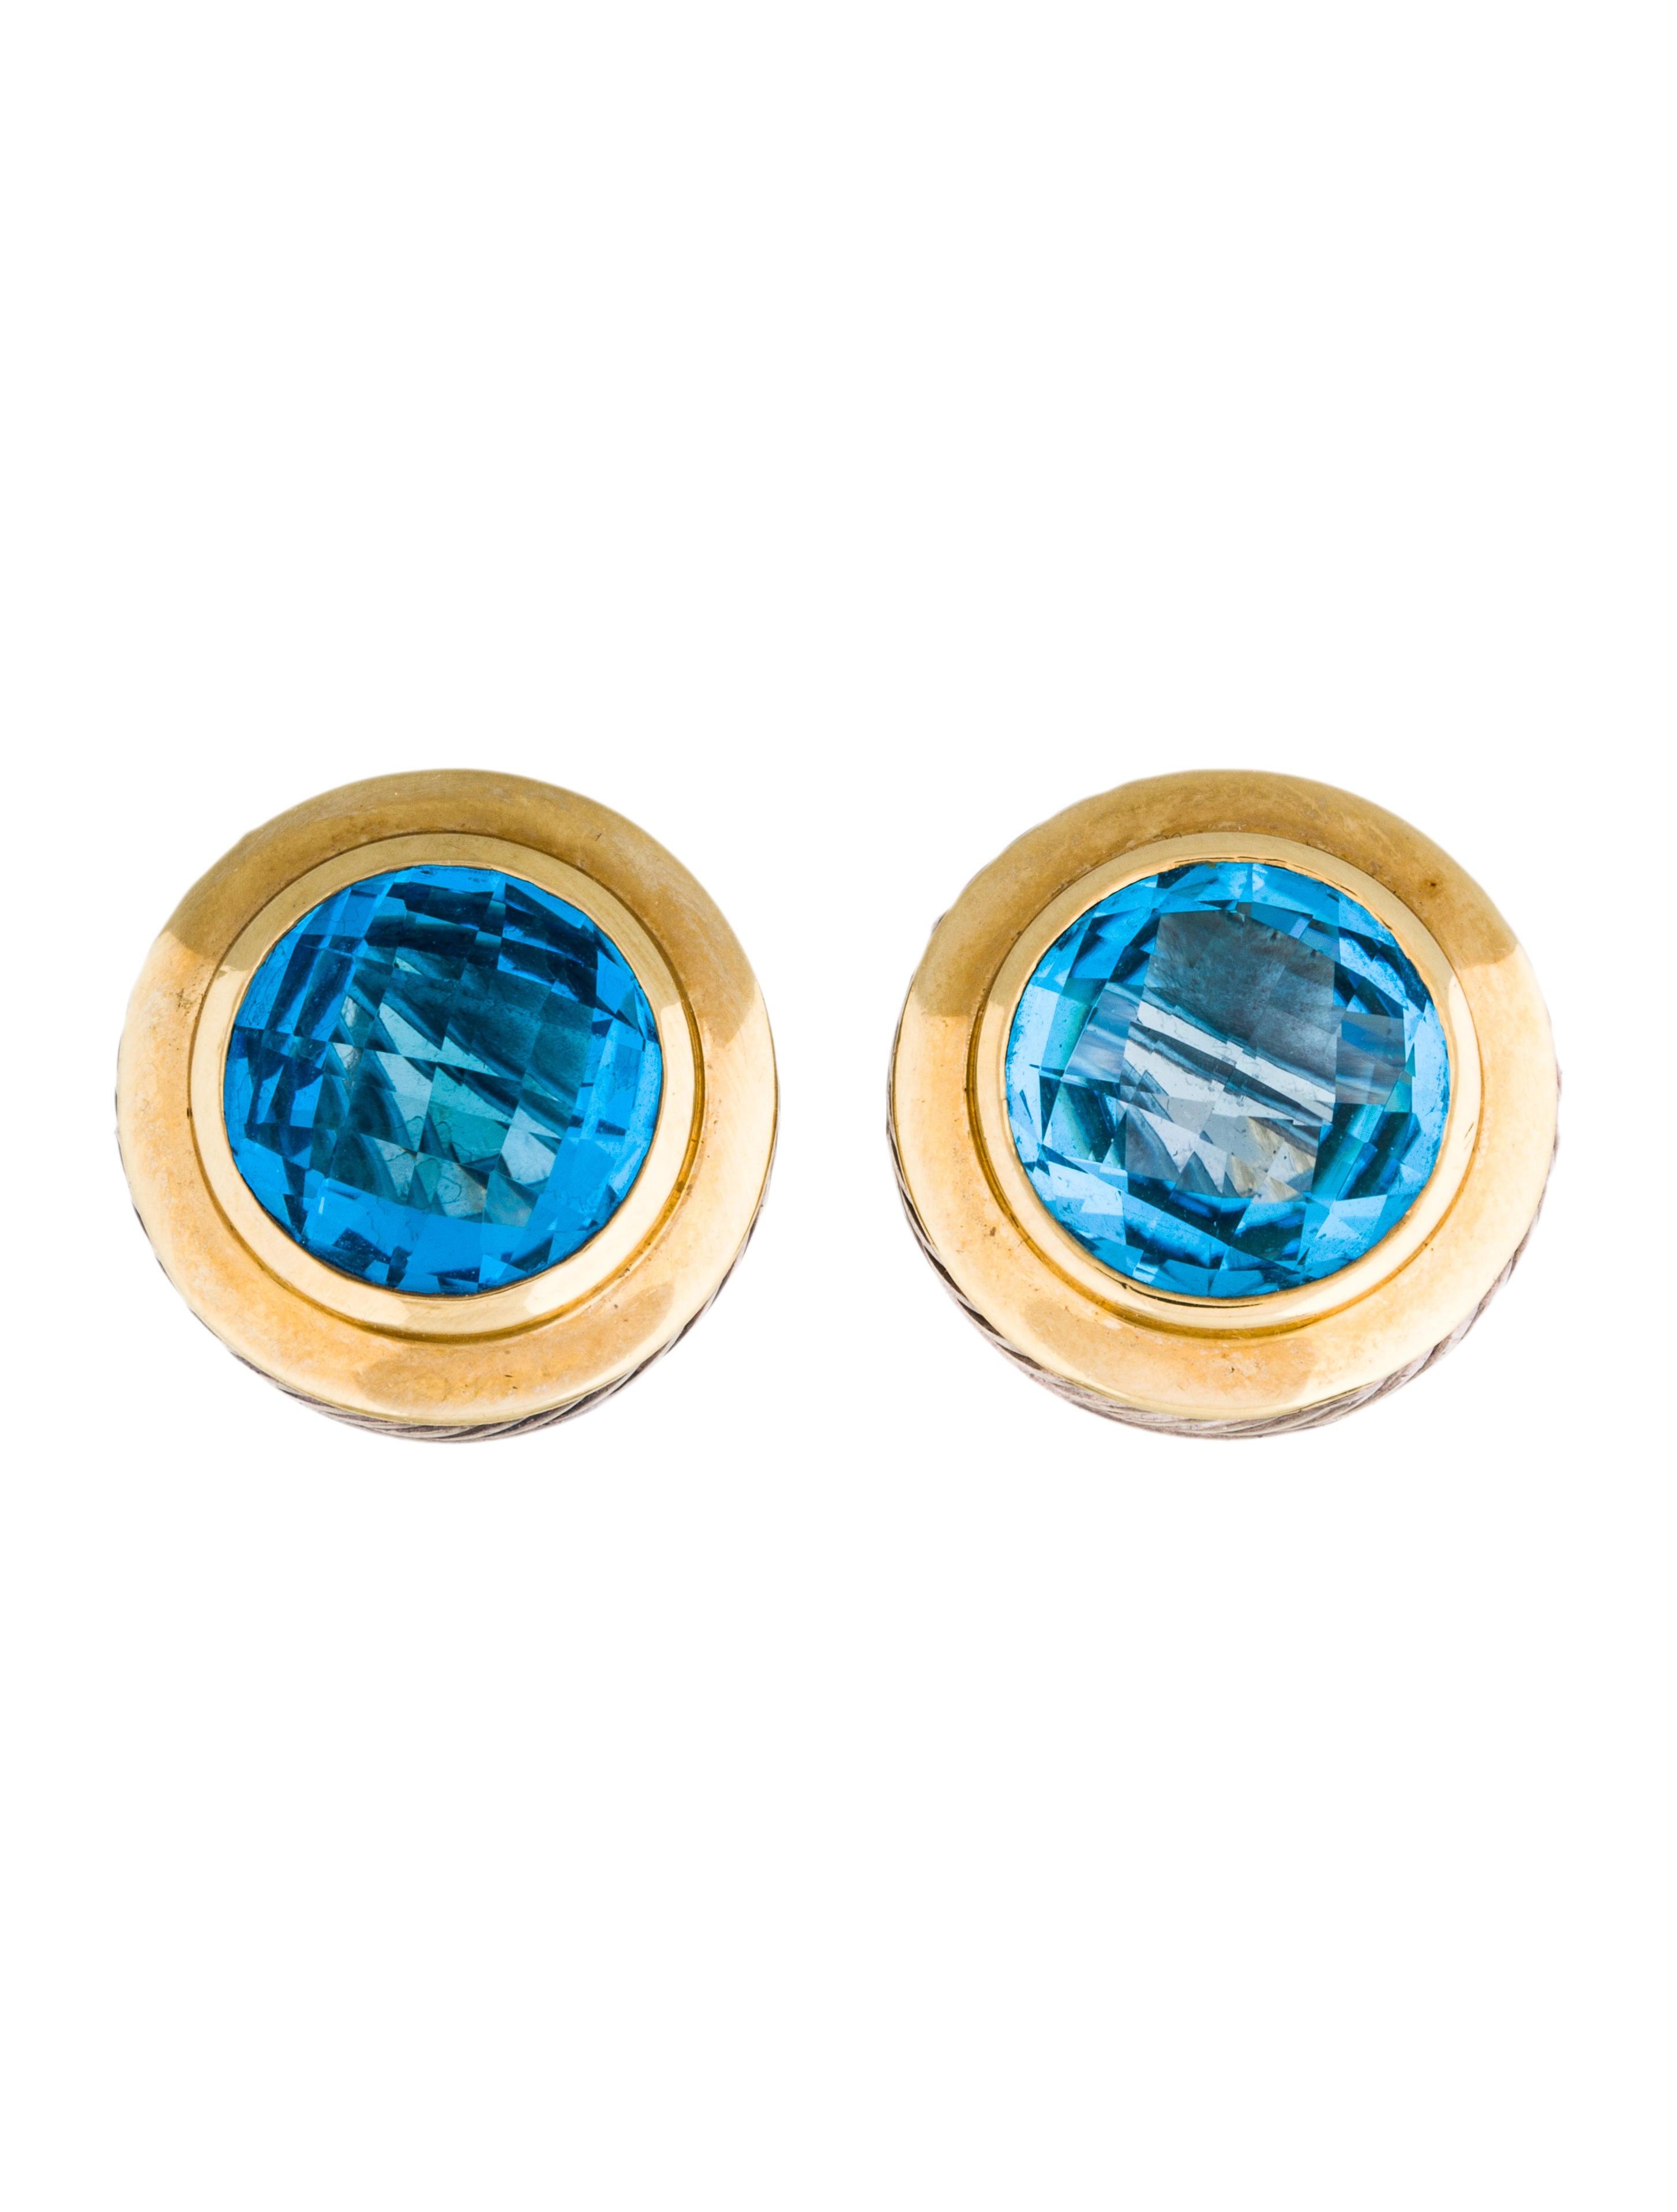 david yurman two tone blue topaz earrings earrings